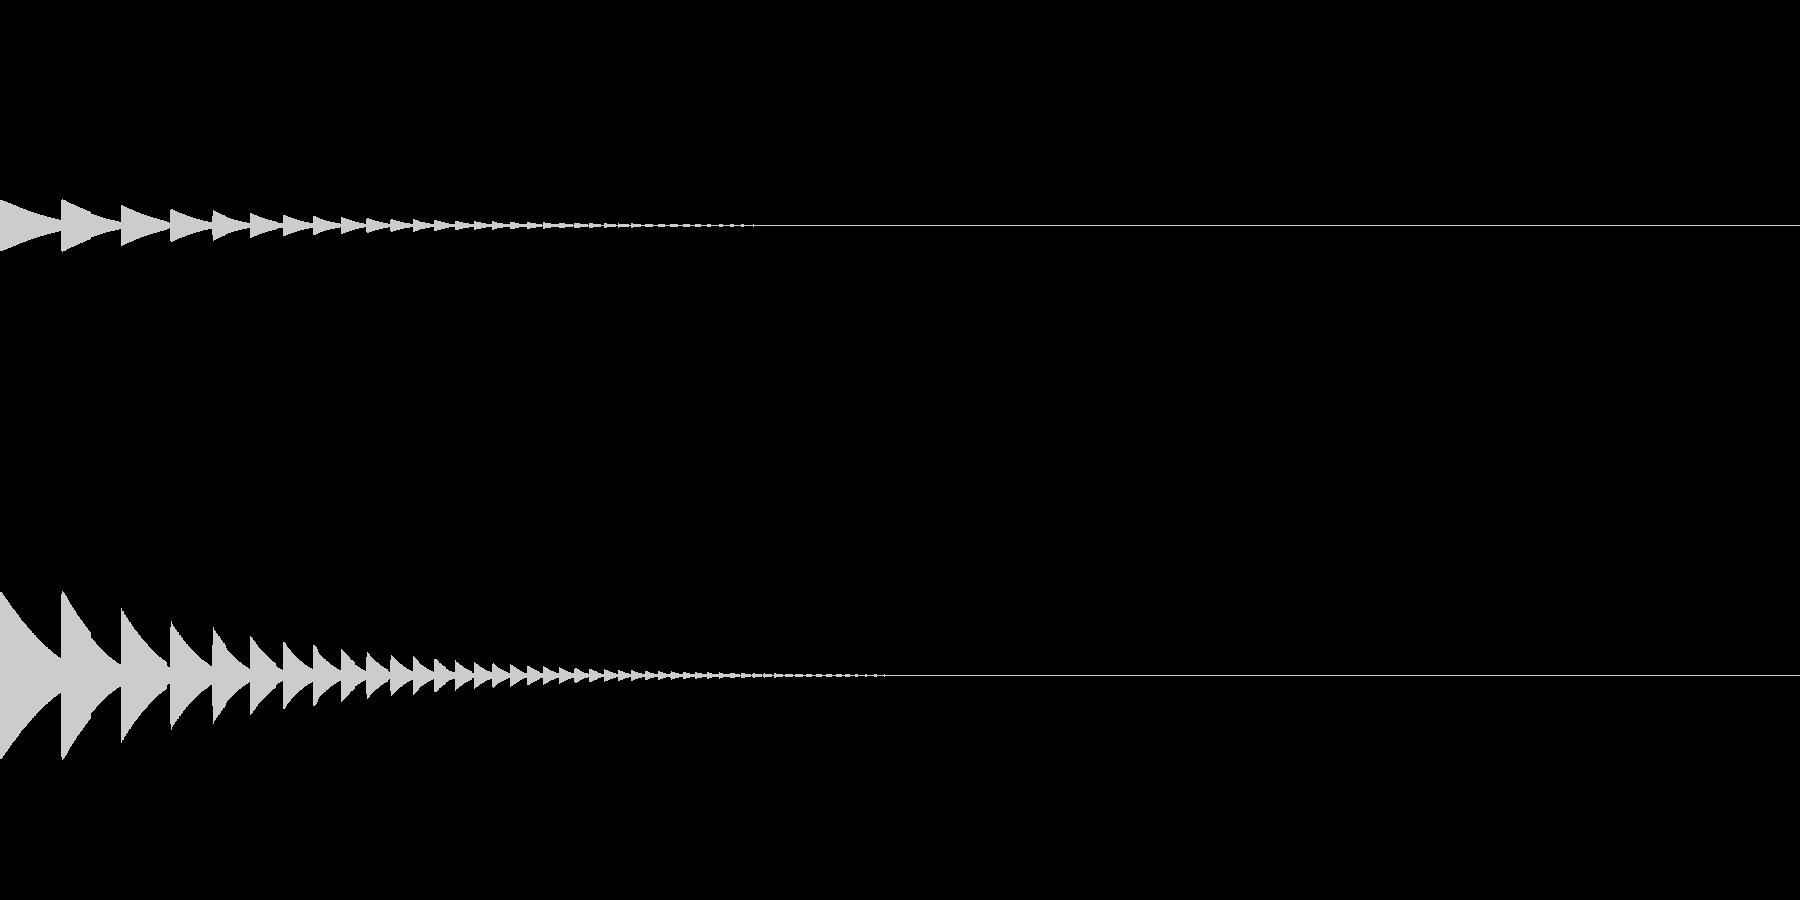 ゴルフボールがカップに入るような音の未再生の波形